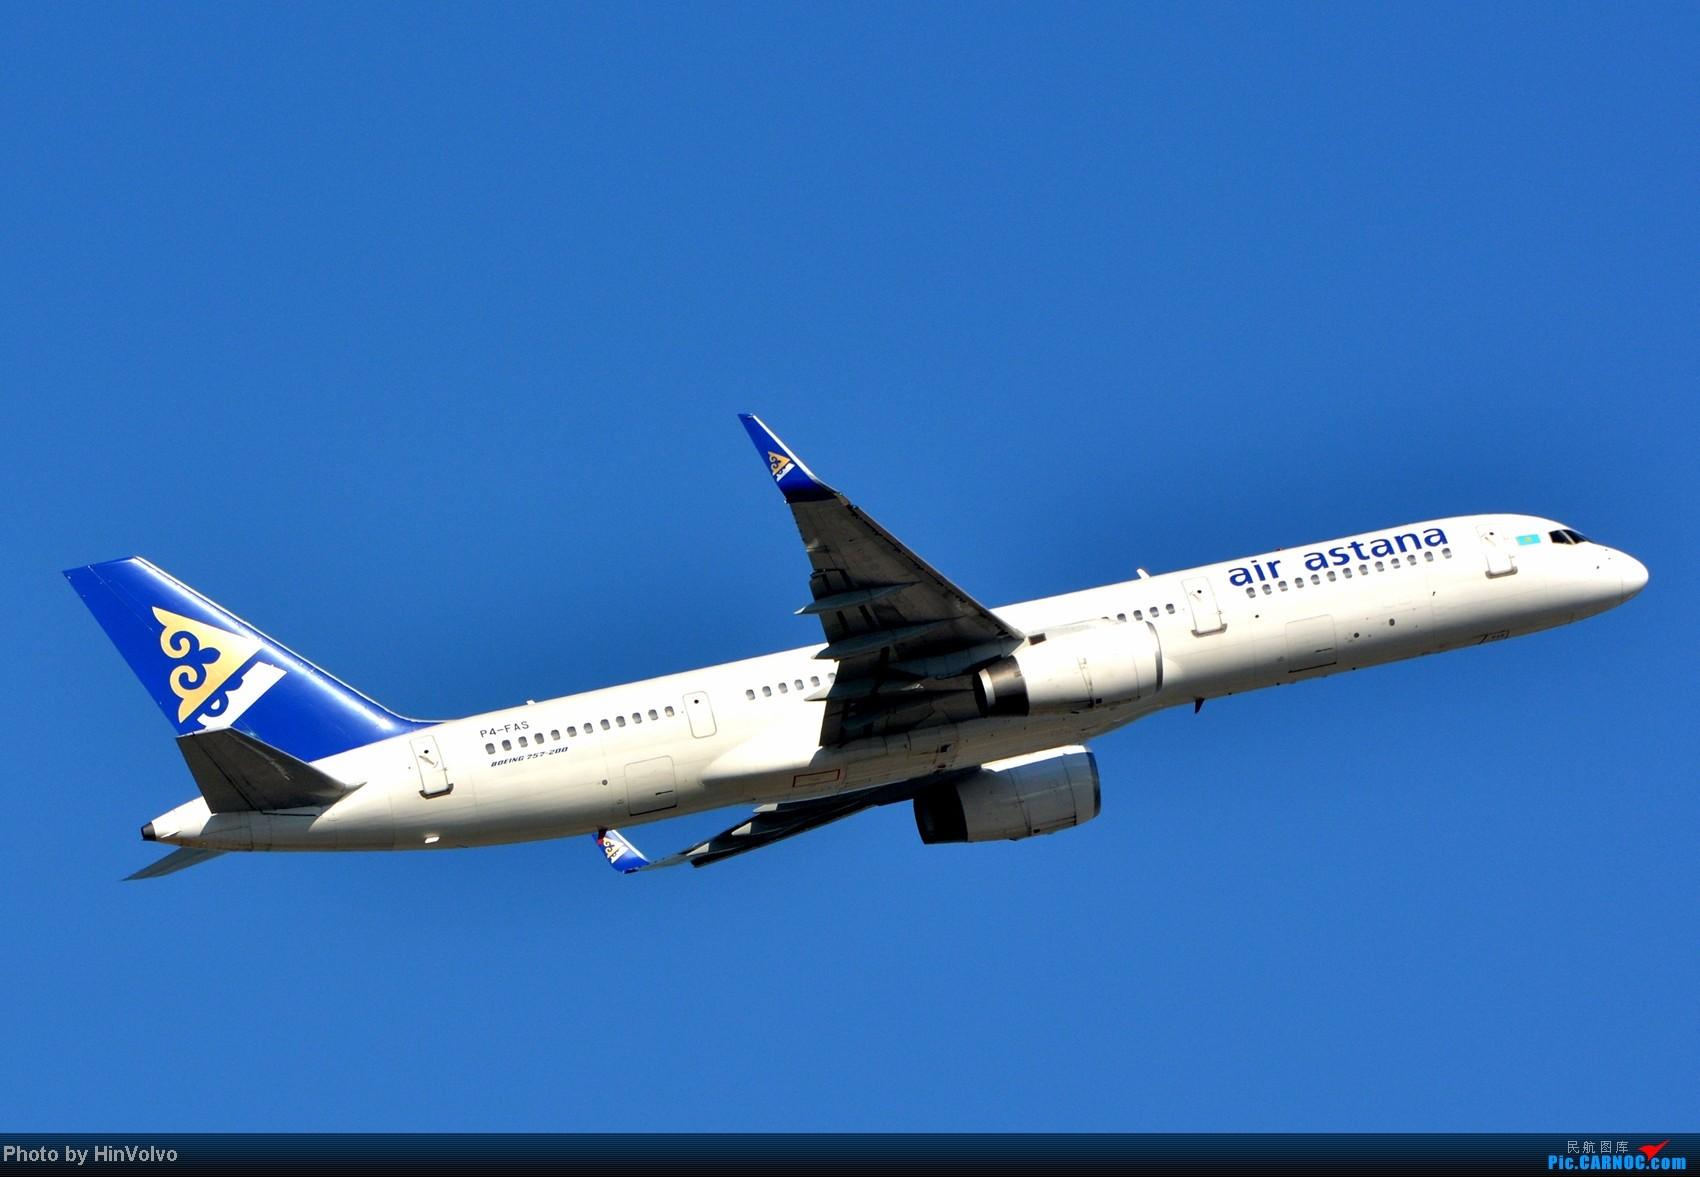 Re:[原创]~~~~多圖系列~~~HKG,早上好!寒冷的天氣出發前往機場拍到中午。 BOEING 757-200 P4-FAS 中国香港赤鱲角机场